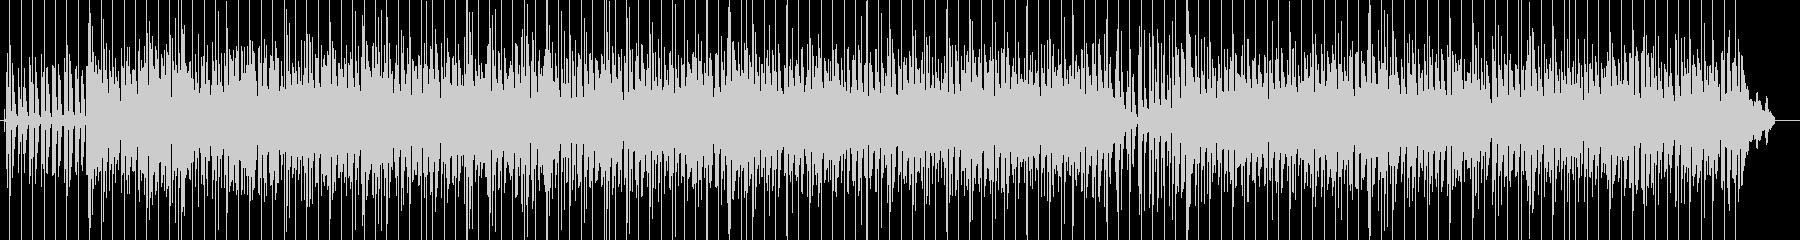 シンプルなレゲエポップ ロックステディの未再生の波形